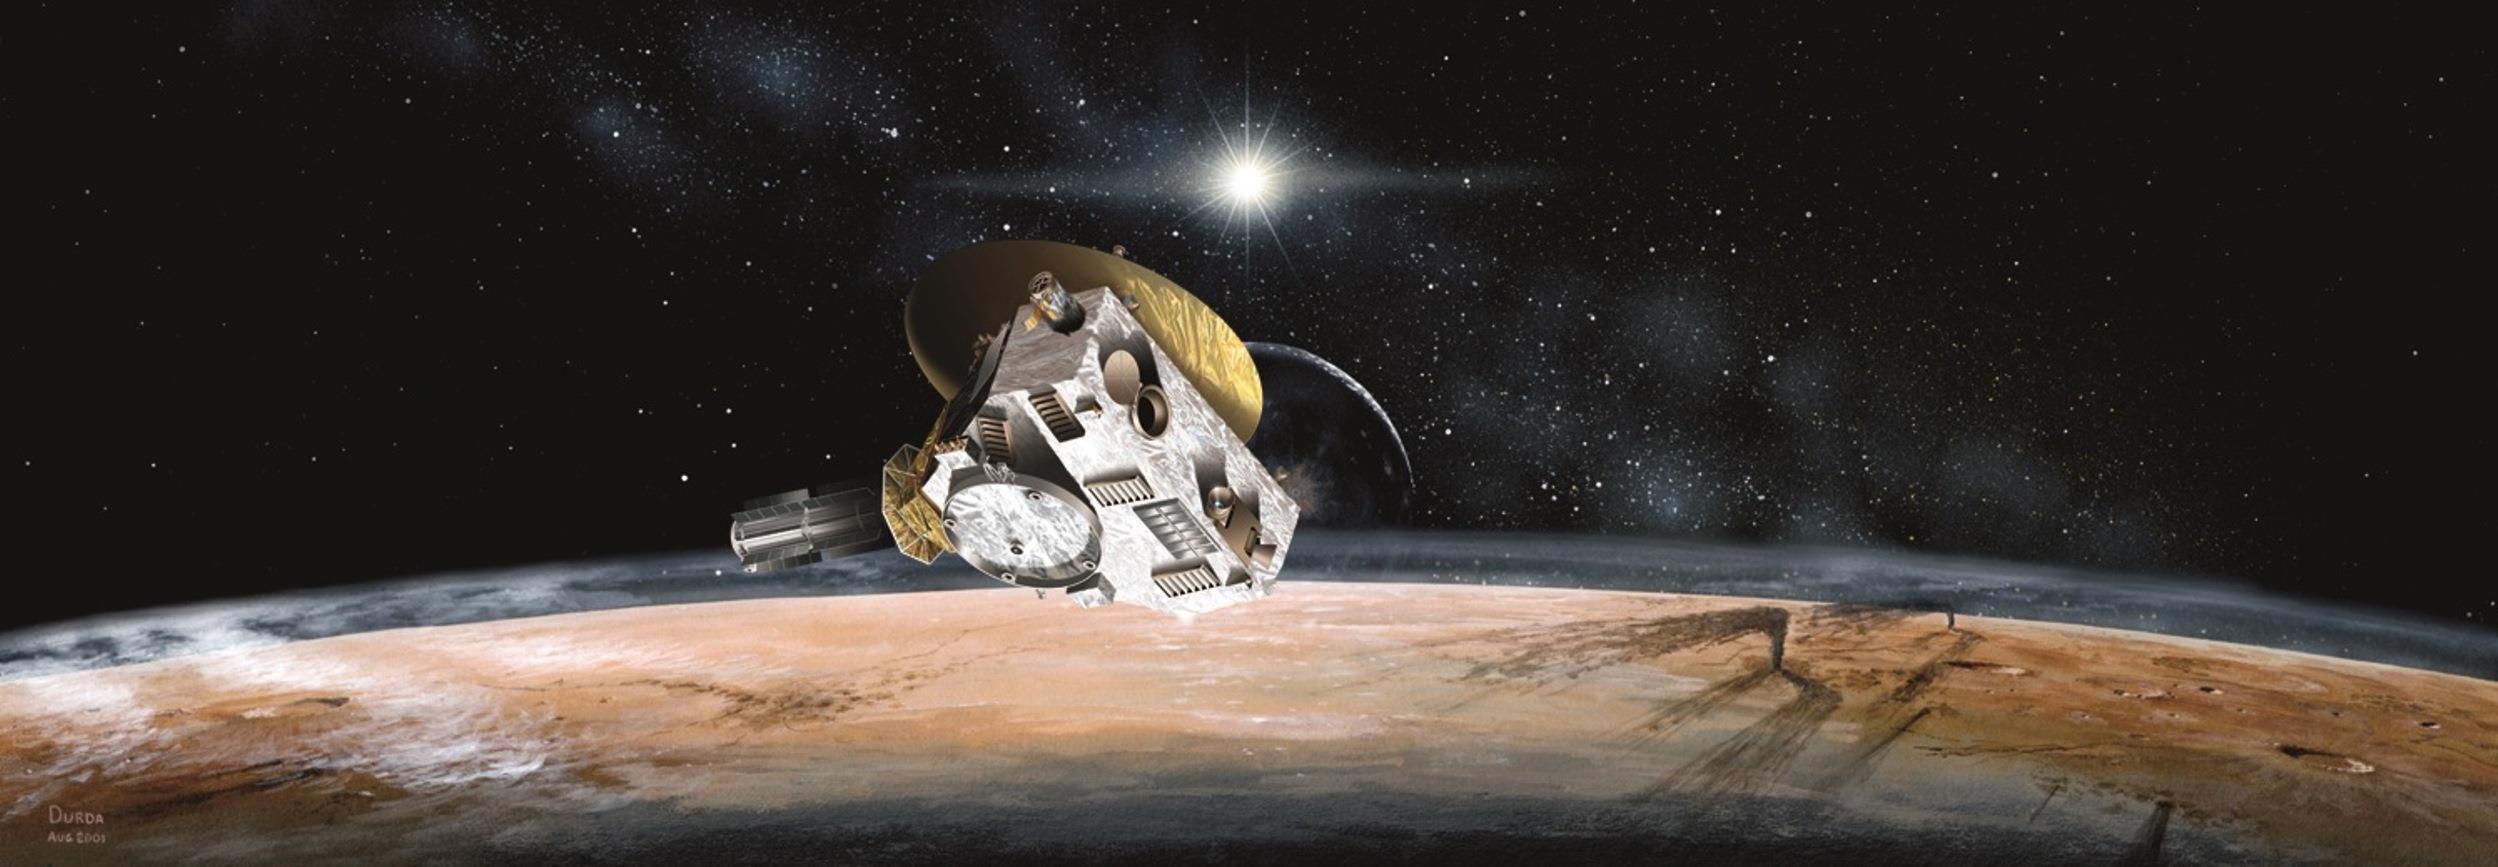 Завтра проснется автоматическая межпланетная станция New Horizons - 1